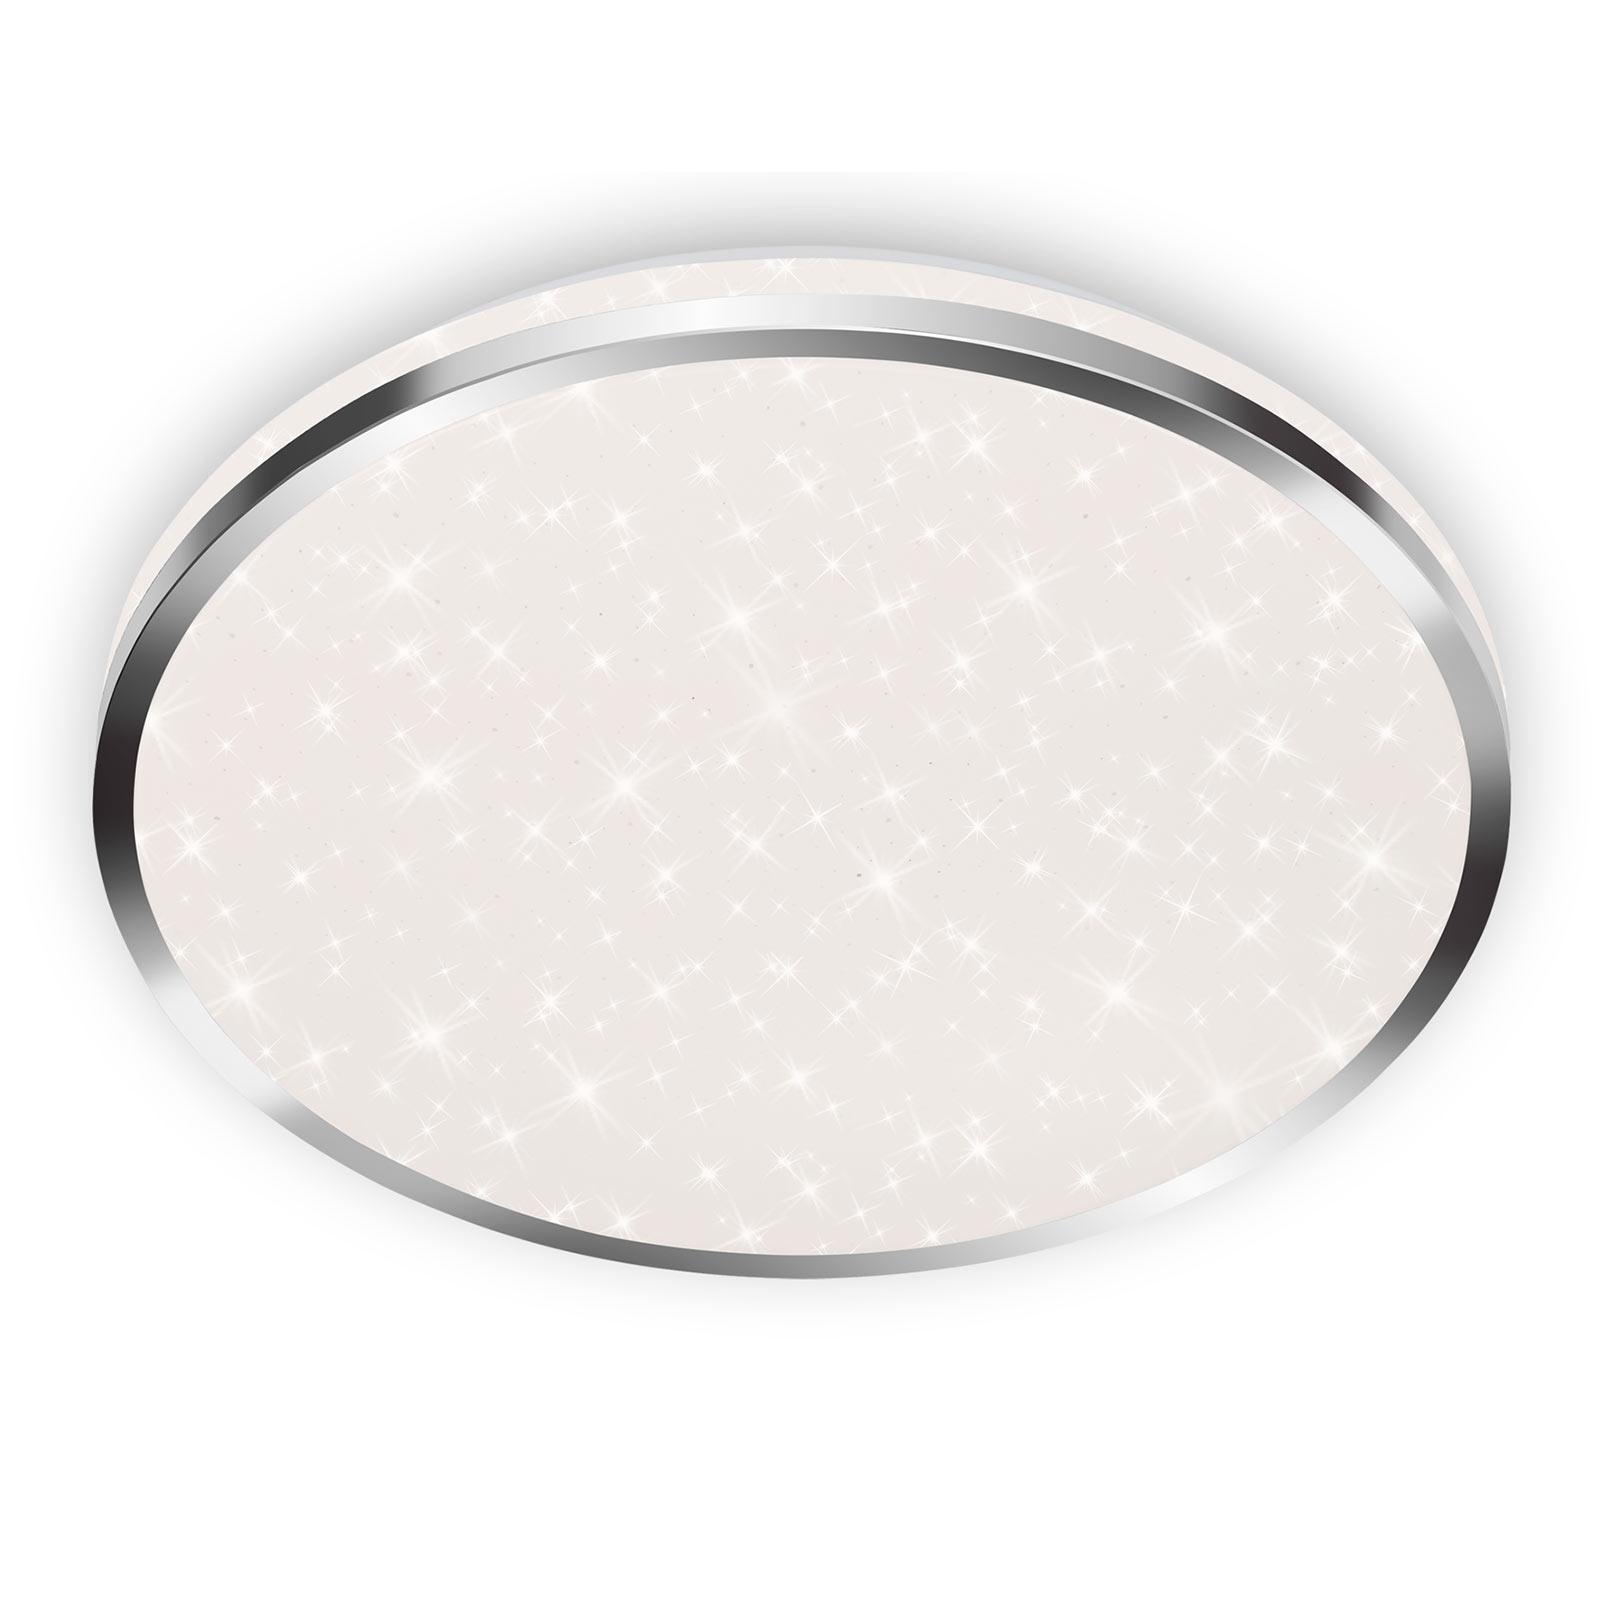 LED-Deckenleuchte 3403 IP44 Sternendekor, Ø 33 cm